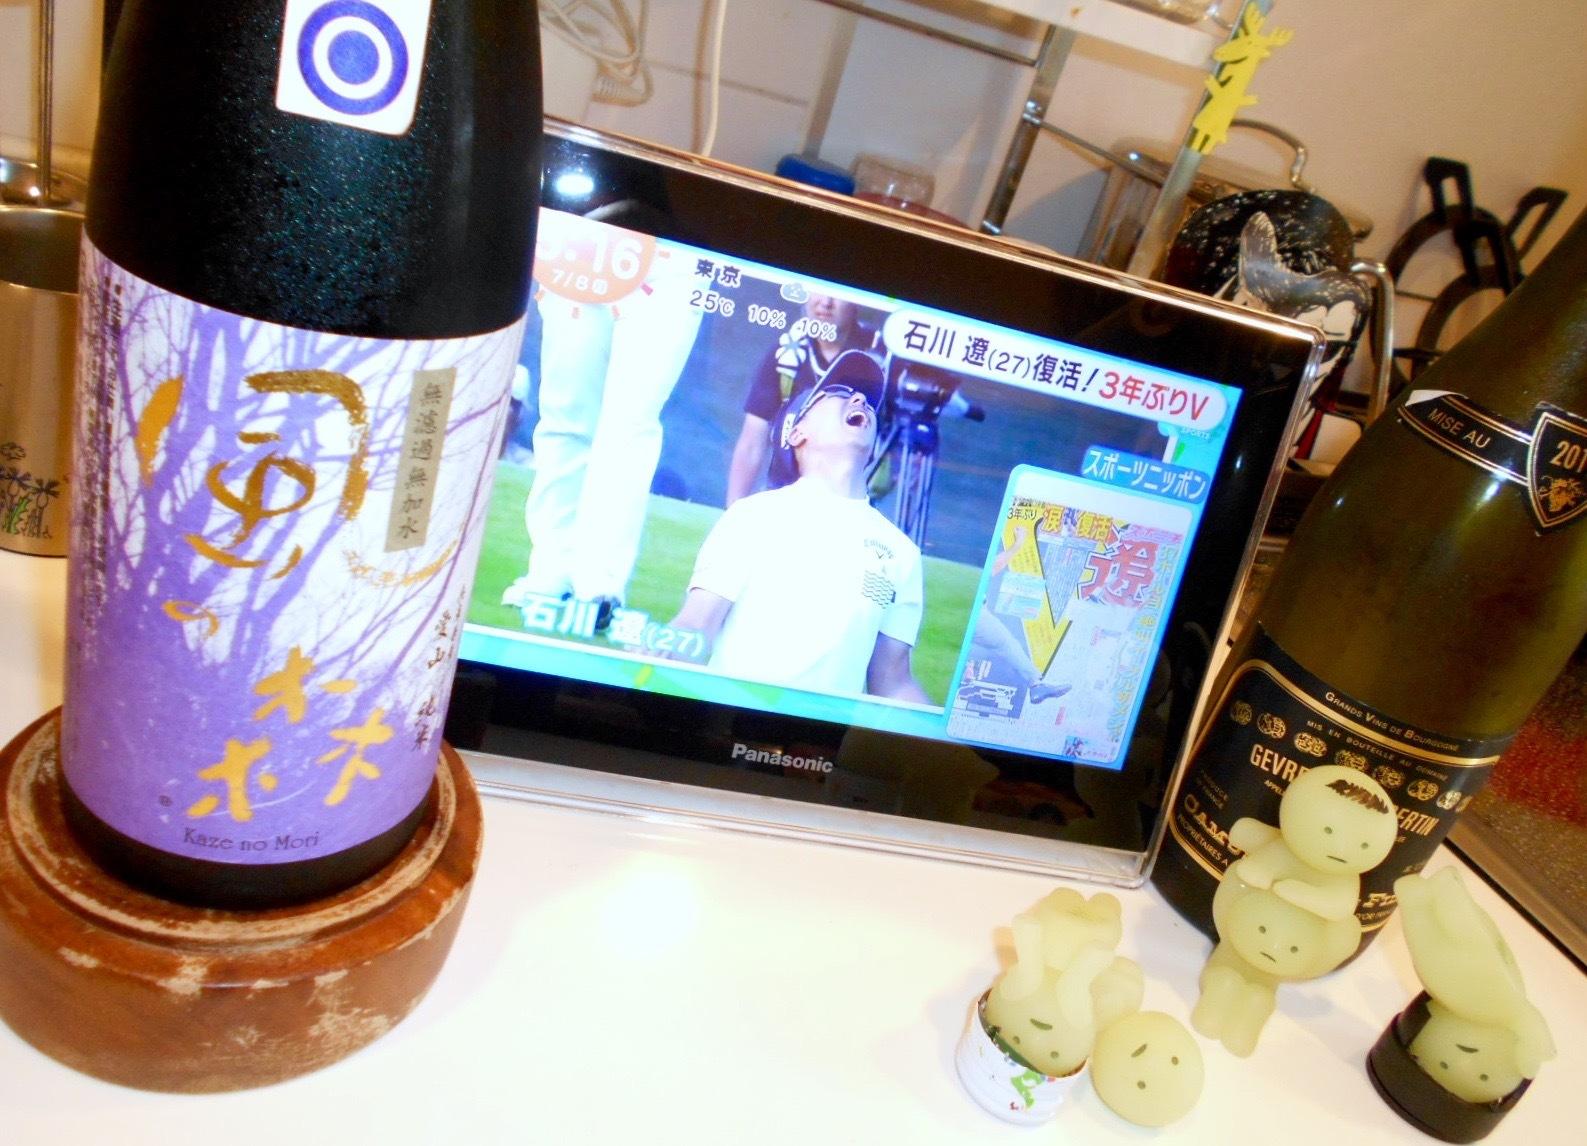 kazenomori_aiyama80manaka30by1.jpg